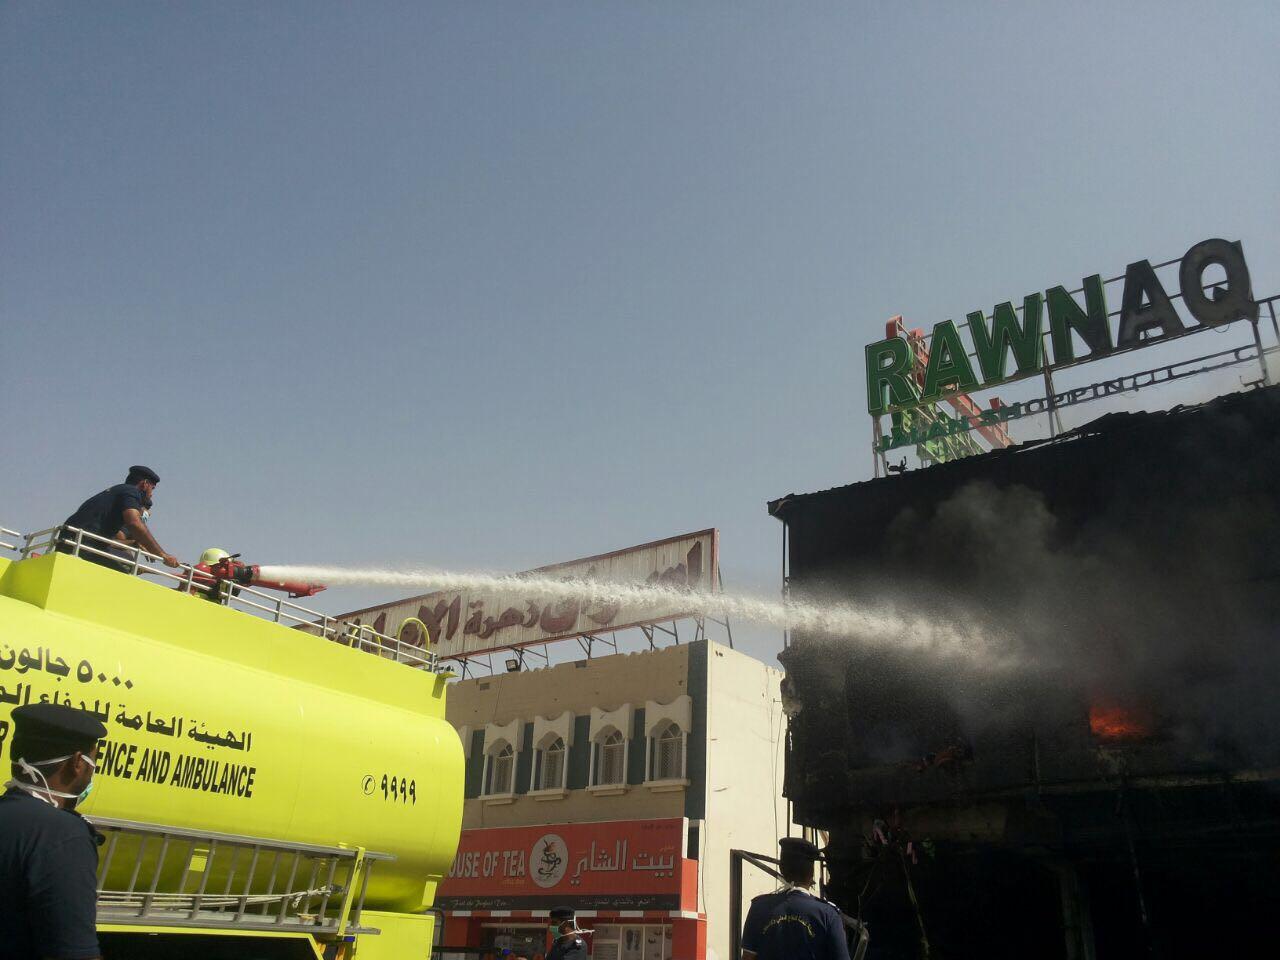 الهيئة العامة للدفاع المدني والإسعاف تسيطر على حريق بجعلان بني بوعلي